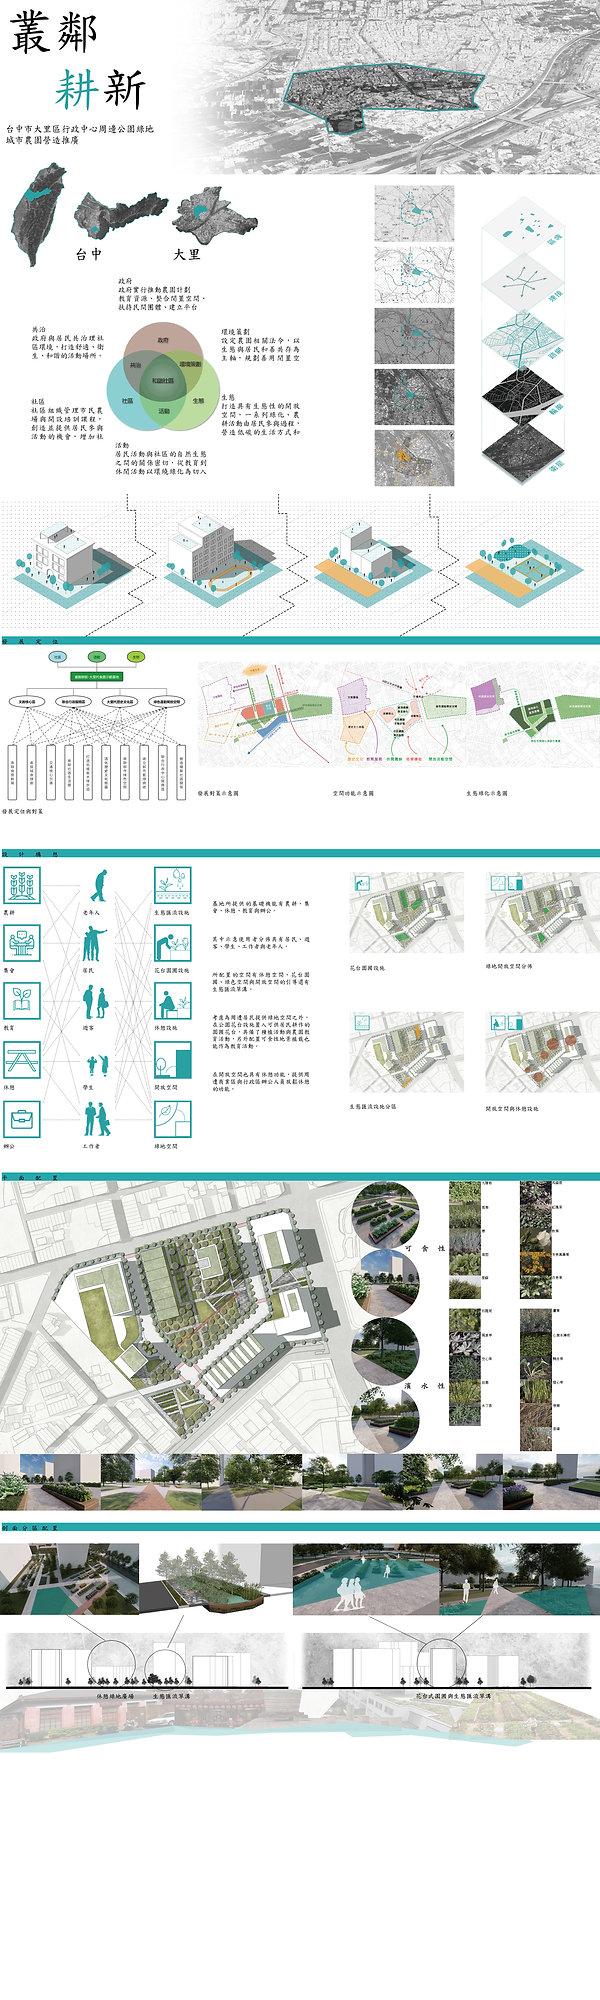 C07叢鄰耕新-台中市大里區行政中心周邊公園綠地城市農園營造推廣-作品內容.jp